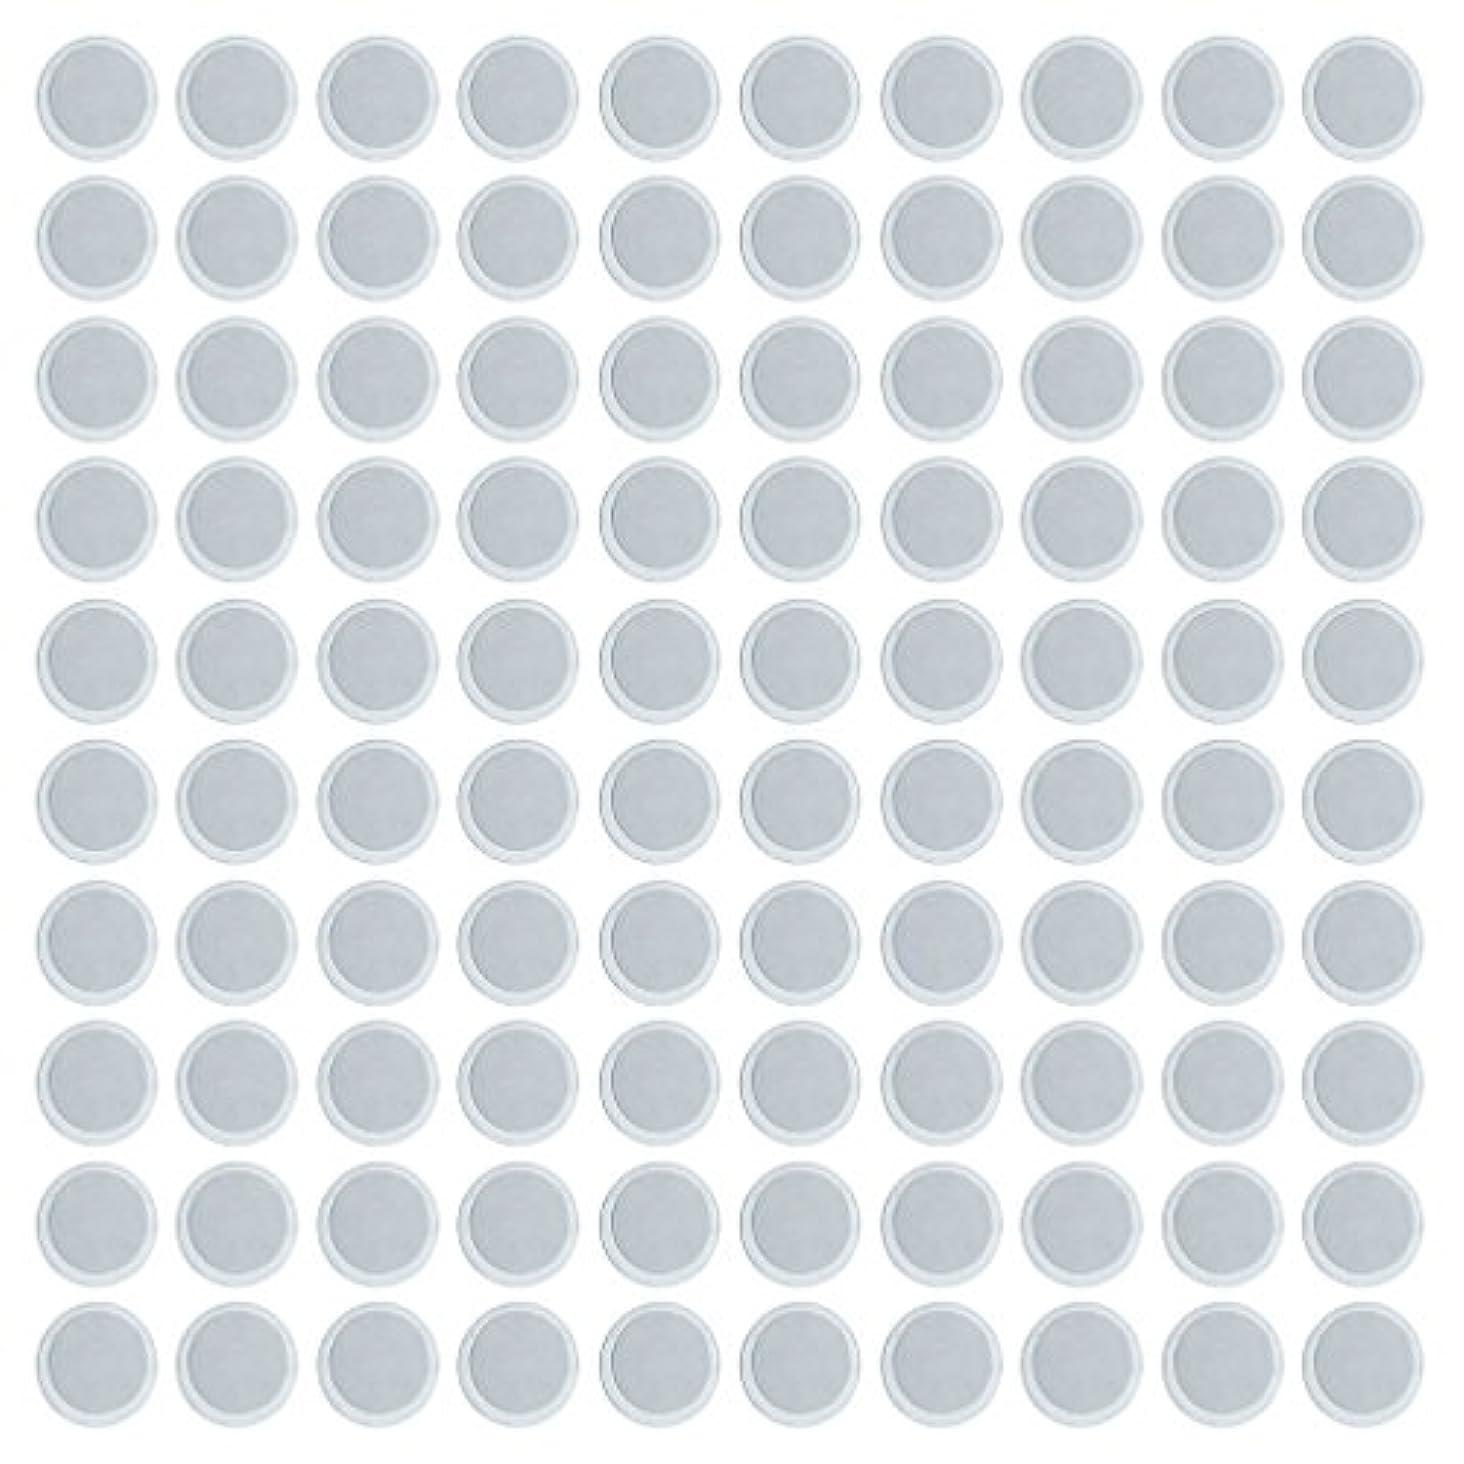 デザイナー洪水カウンタ約100個 メイクアップパン 空パン アイシャドー ブラッシュ メイクアップ 磁気パレットボックスケース 2タイプ選べ - 円形